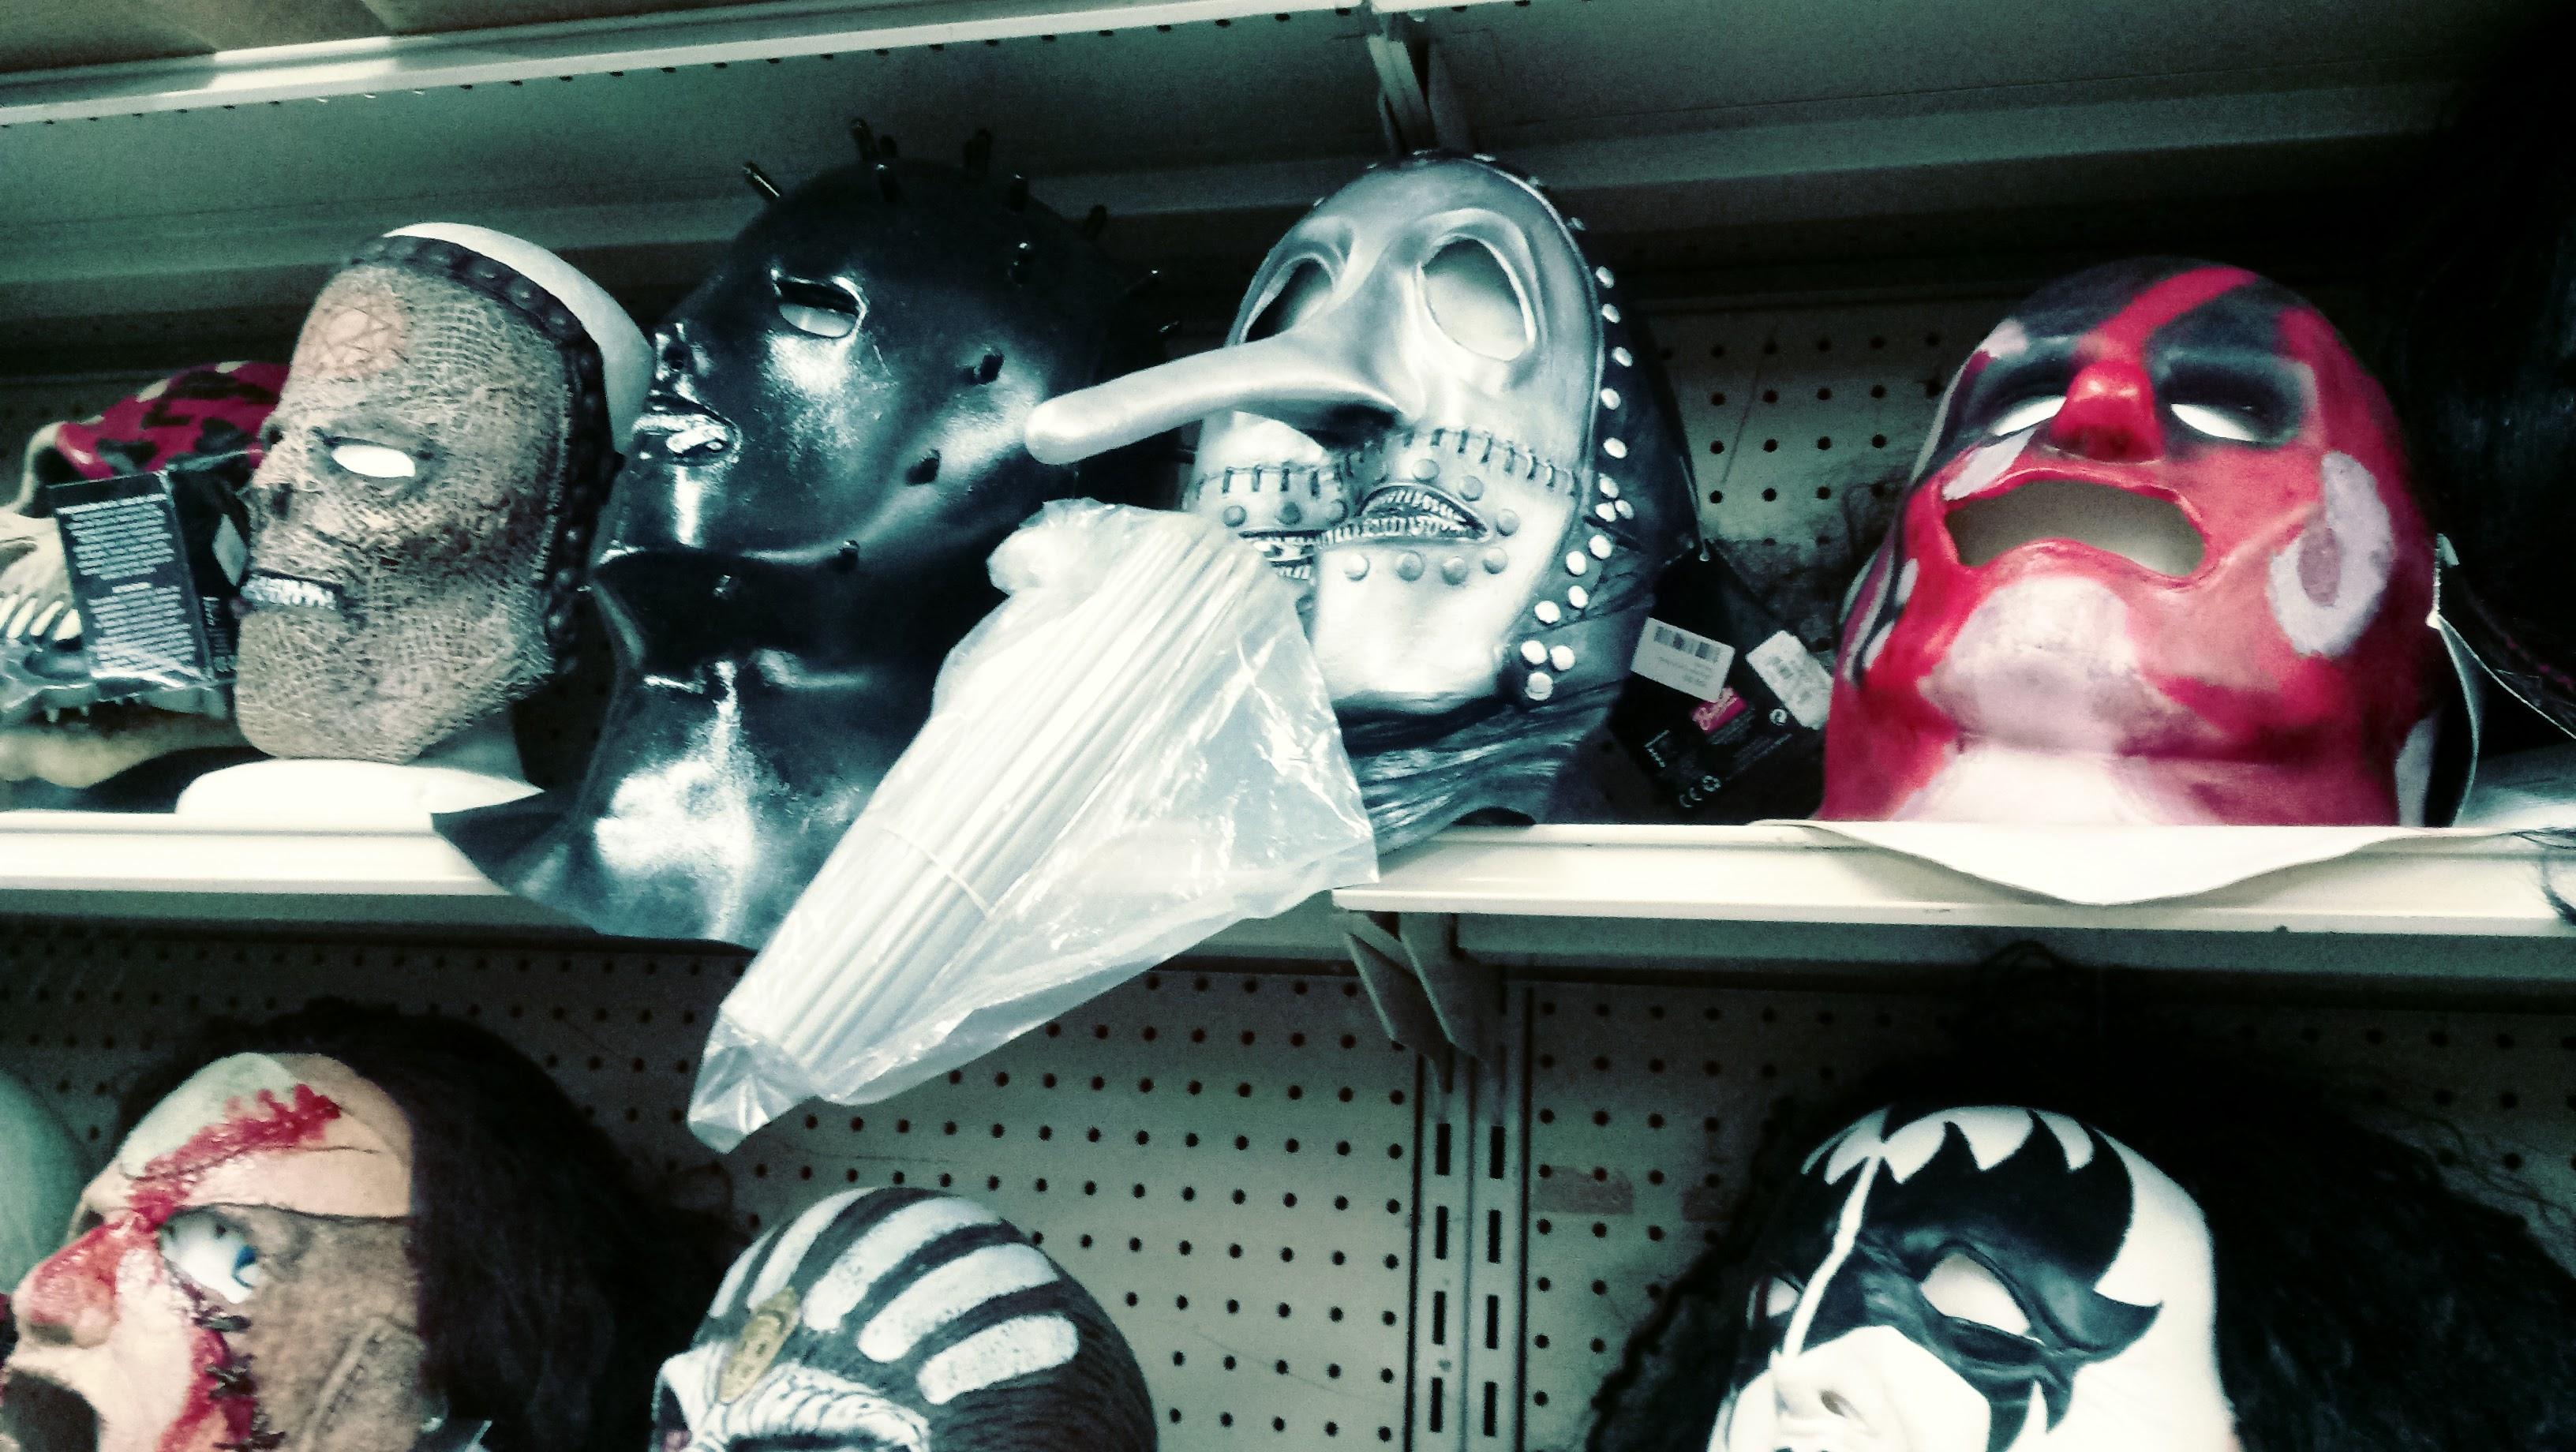 nick nackery slipknot and leatherface masks